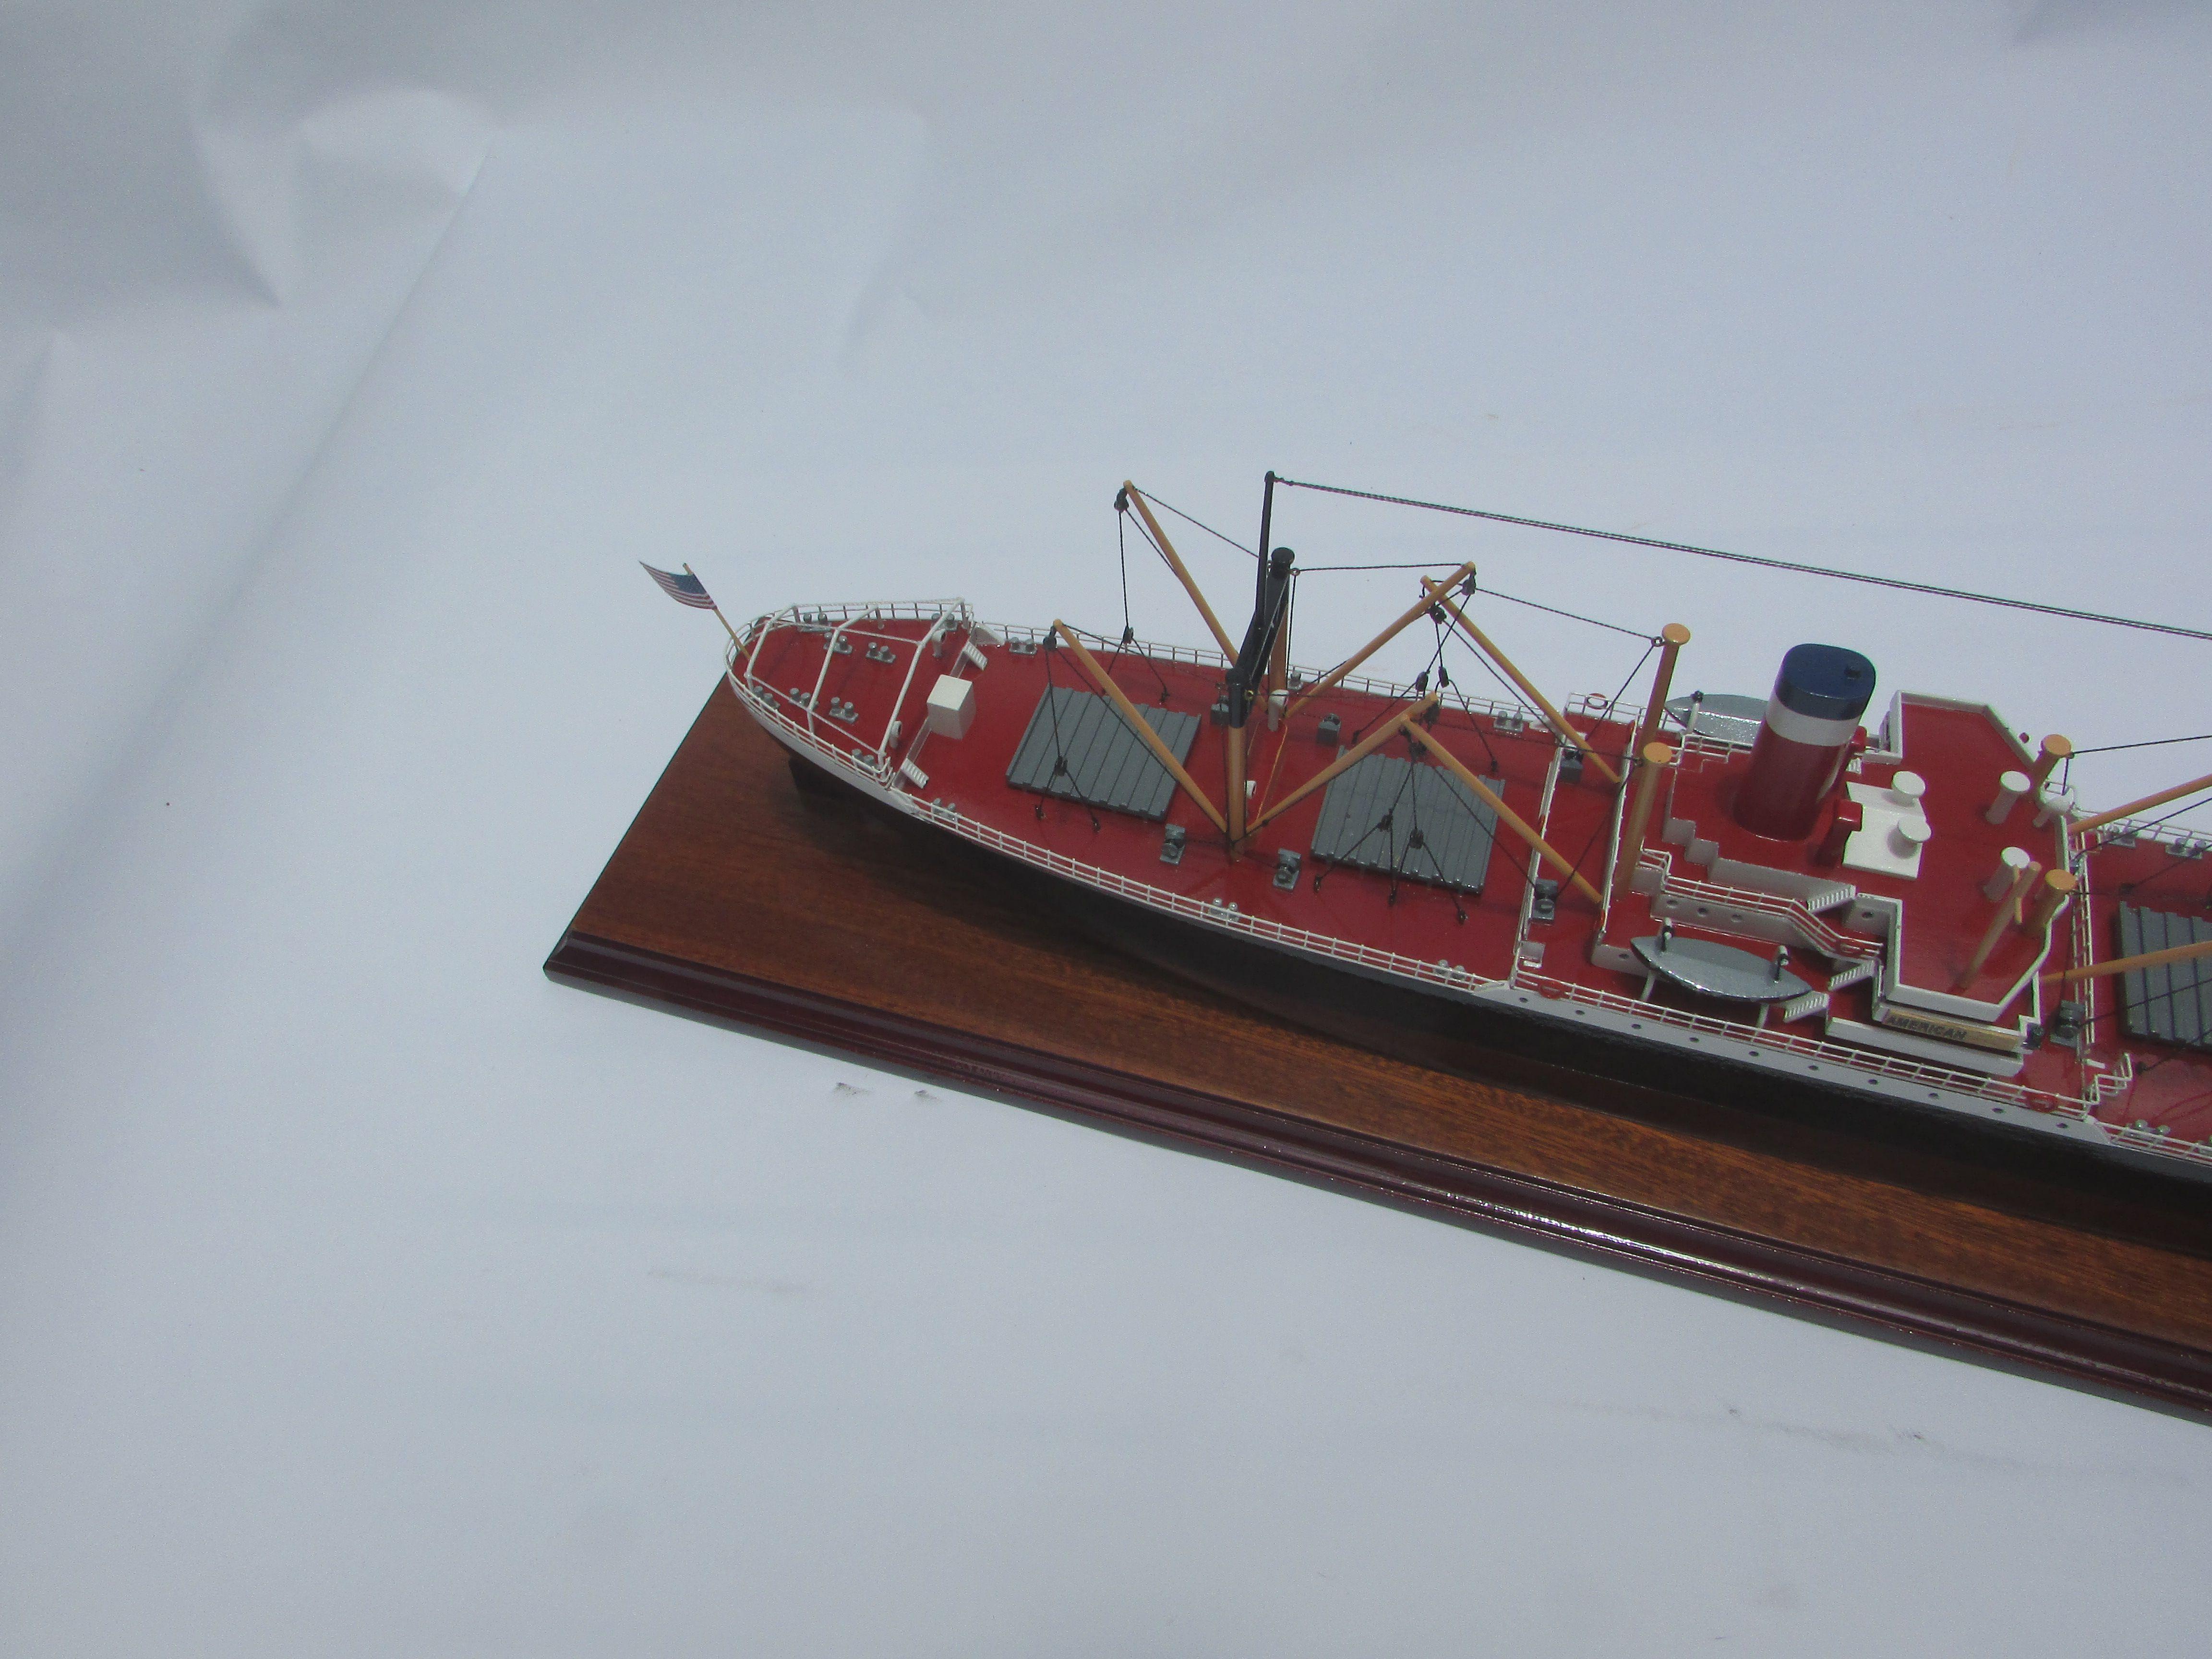 American Flyer Waterline Model Ship - GN (TK3107P)